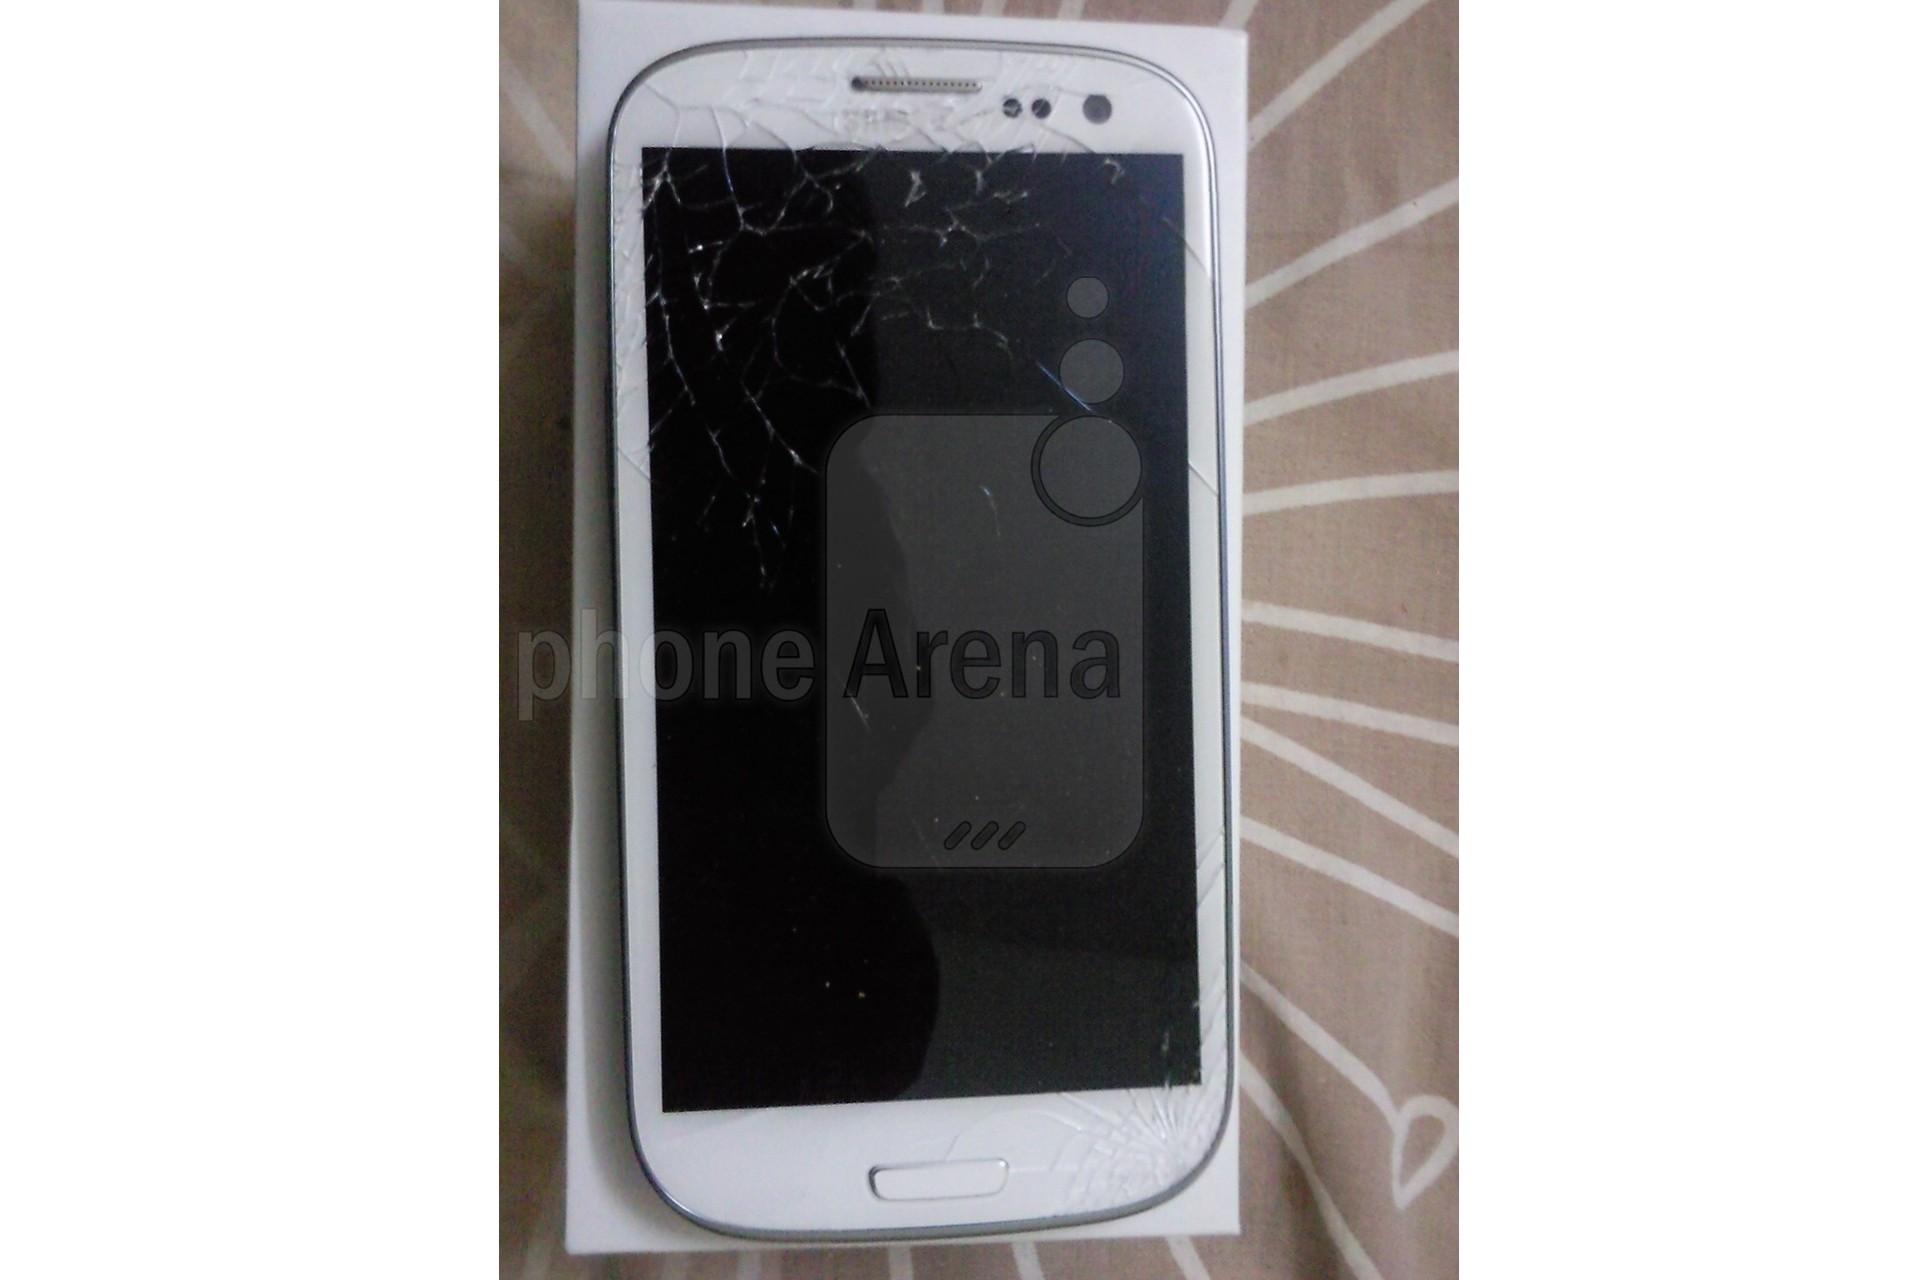 Samsung Galaxy S III: una piccola caduta può provocare la rottura del Gorilla Glass 2